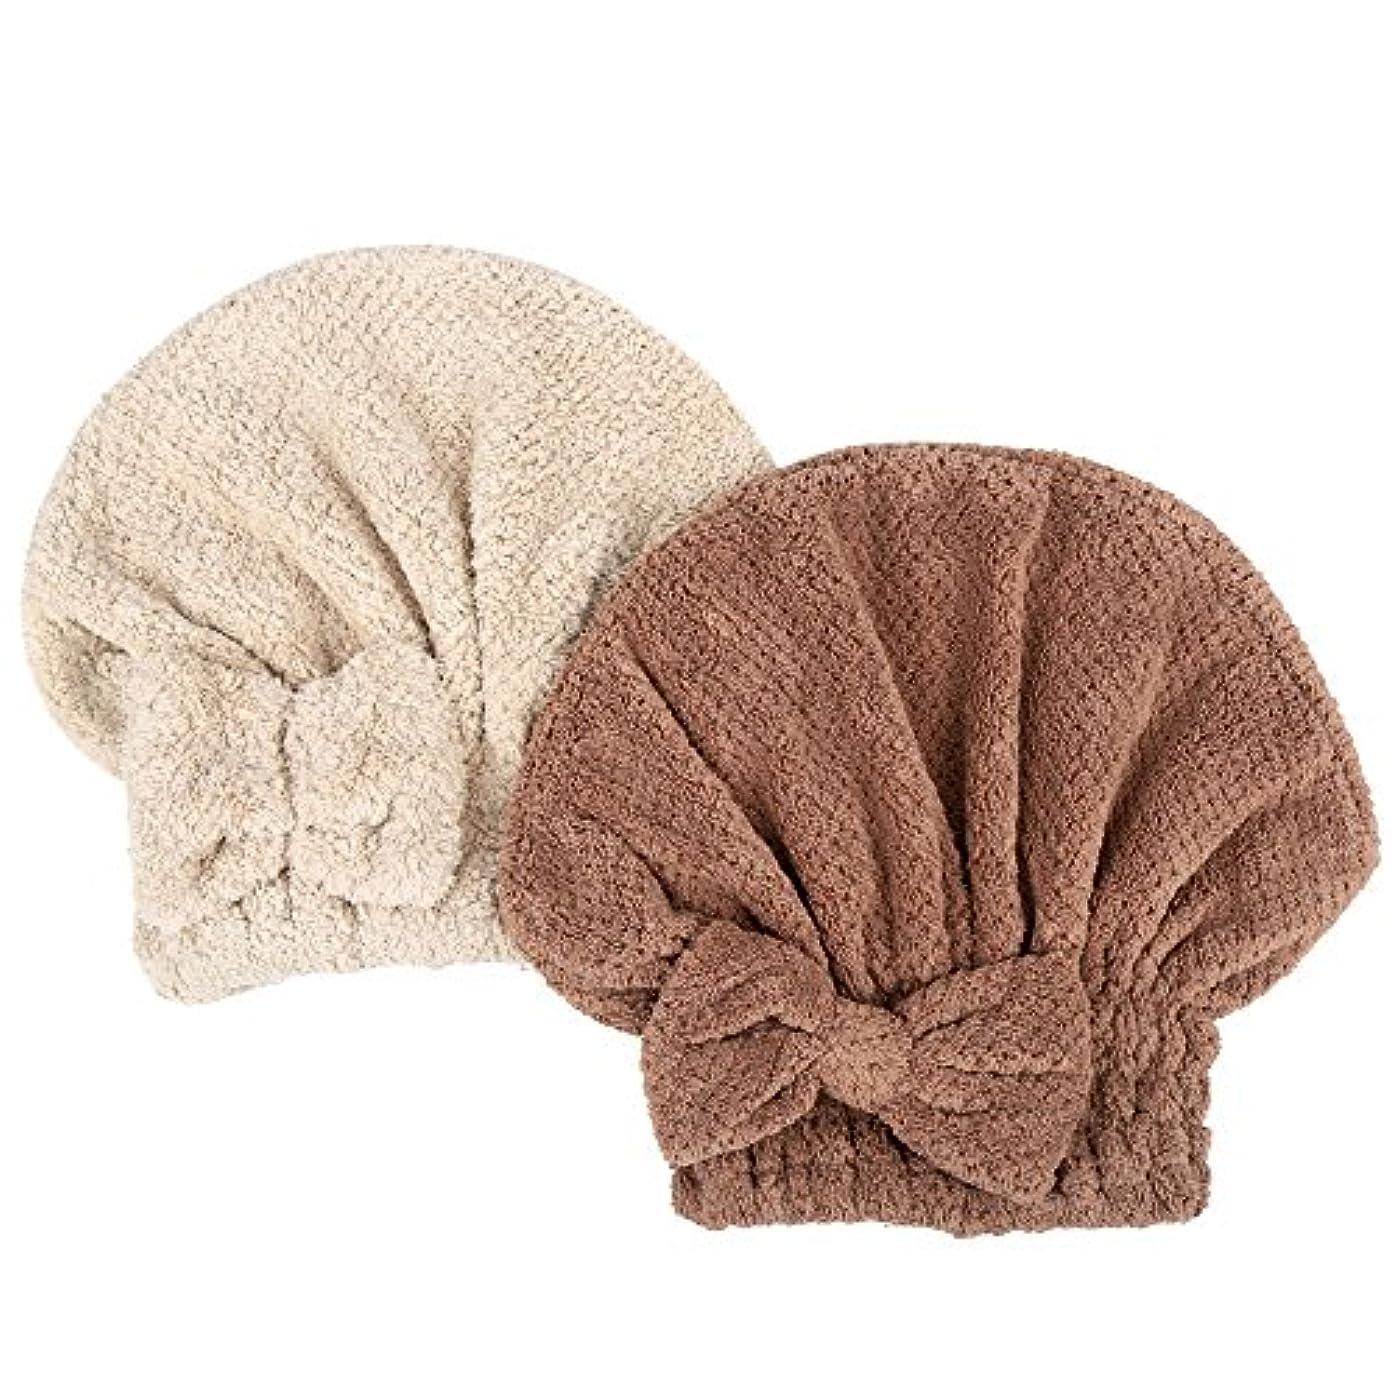 農学聴覚障害者残忍なKISENG タオルキャップ 2枚セット ヘアドライタオル 短髪の人向き ヘアキャップ 吸水タオル 速乾 ふわふわ お風呂 バス用品 (ベージュ+コーヒー)